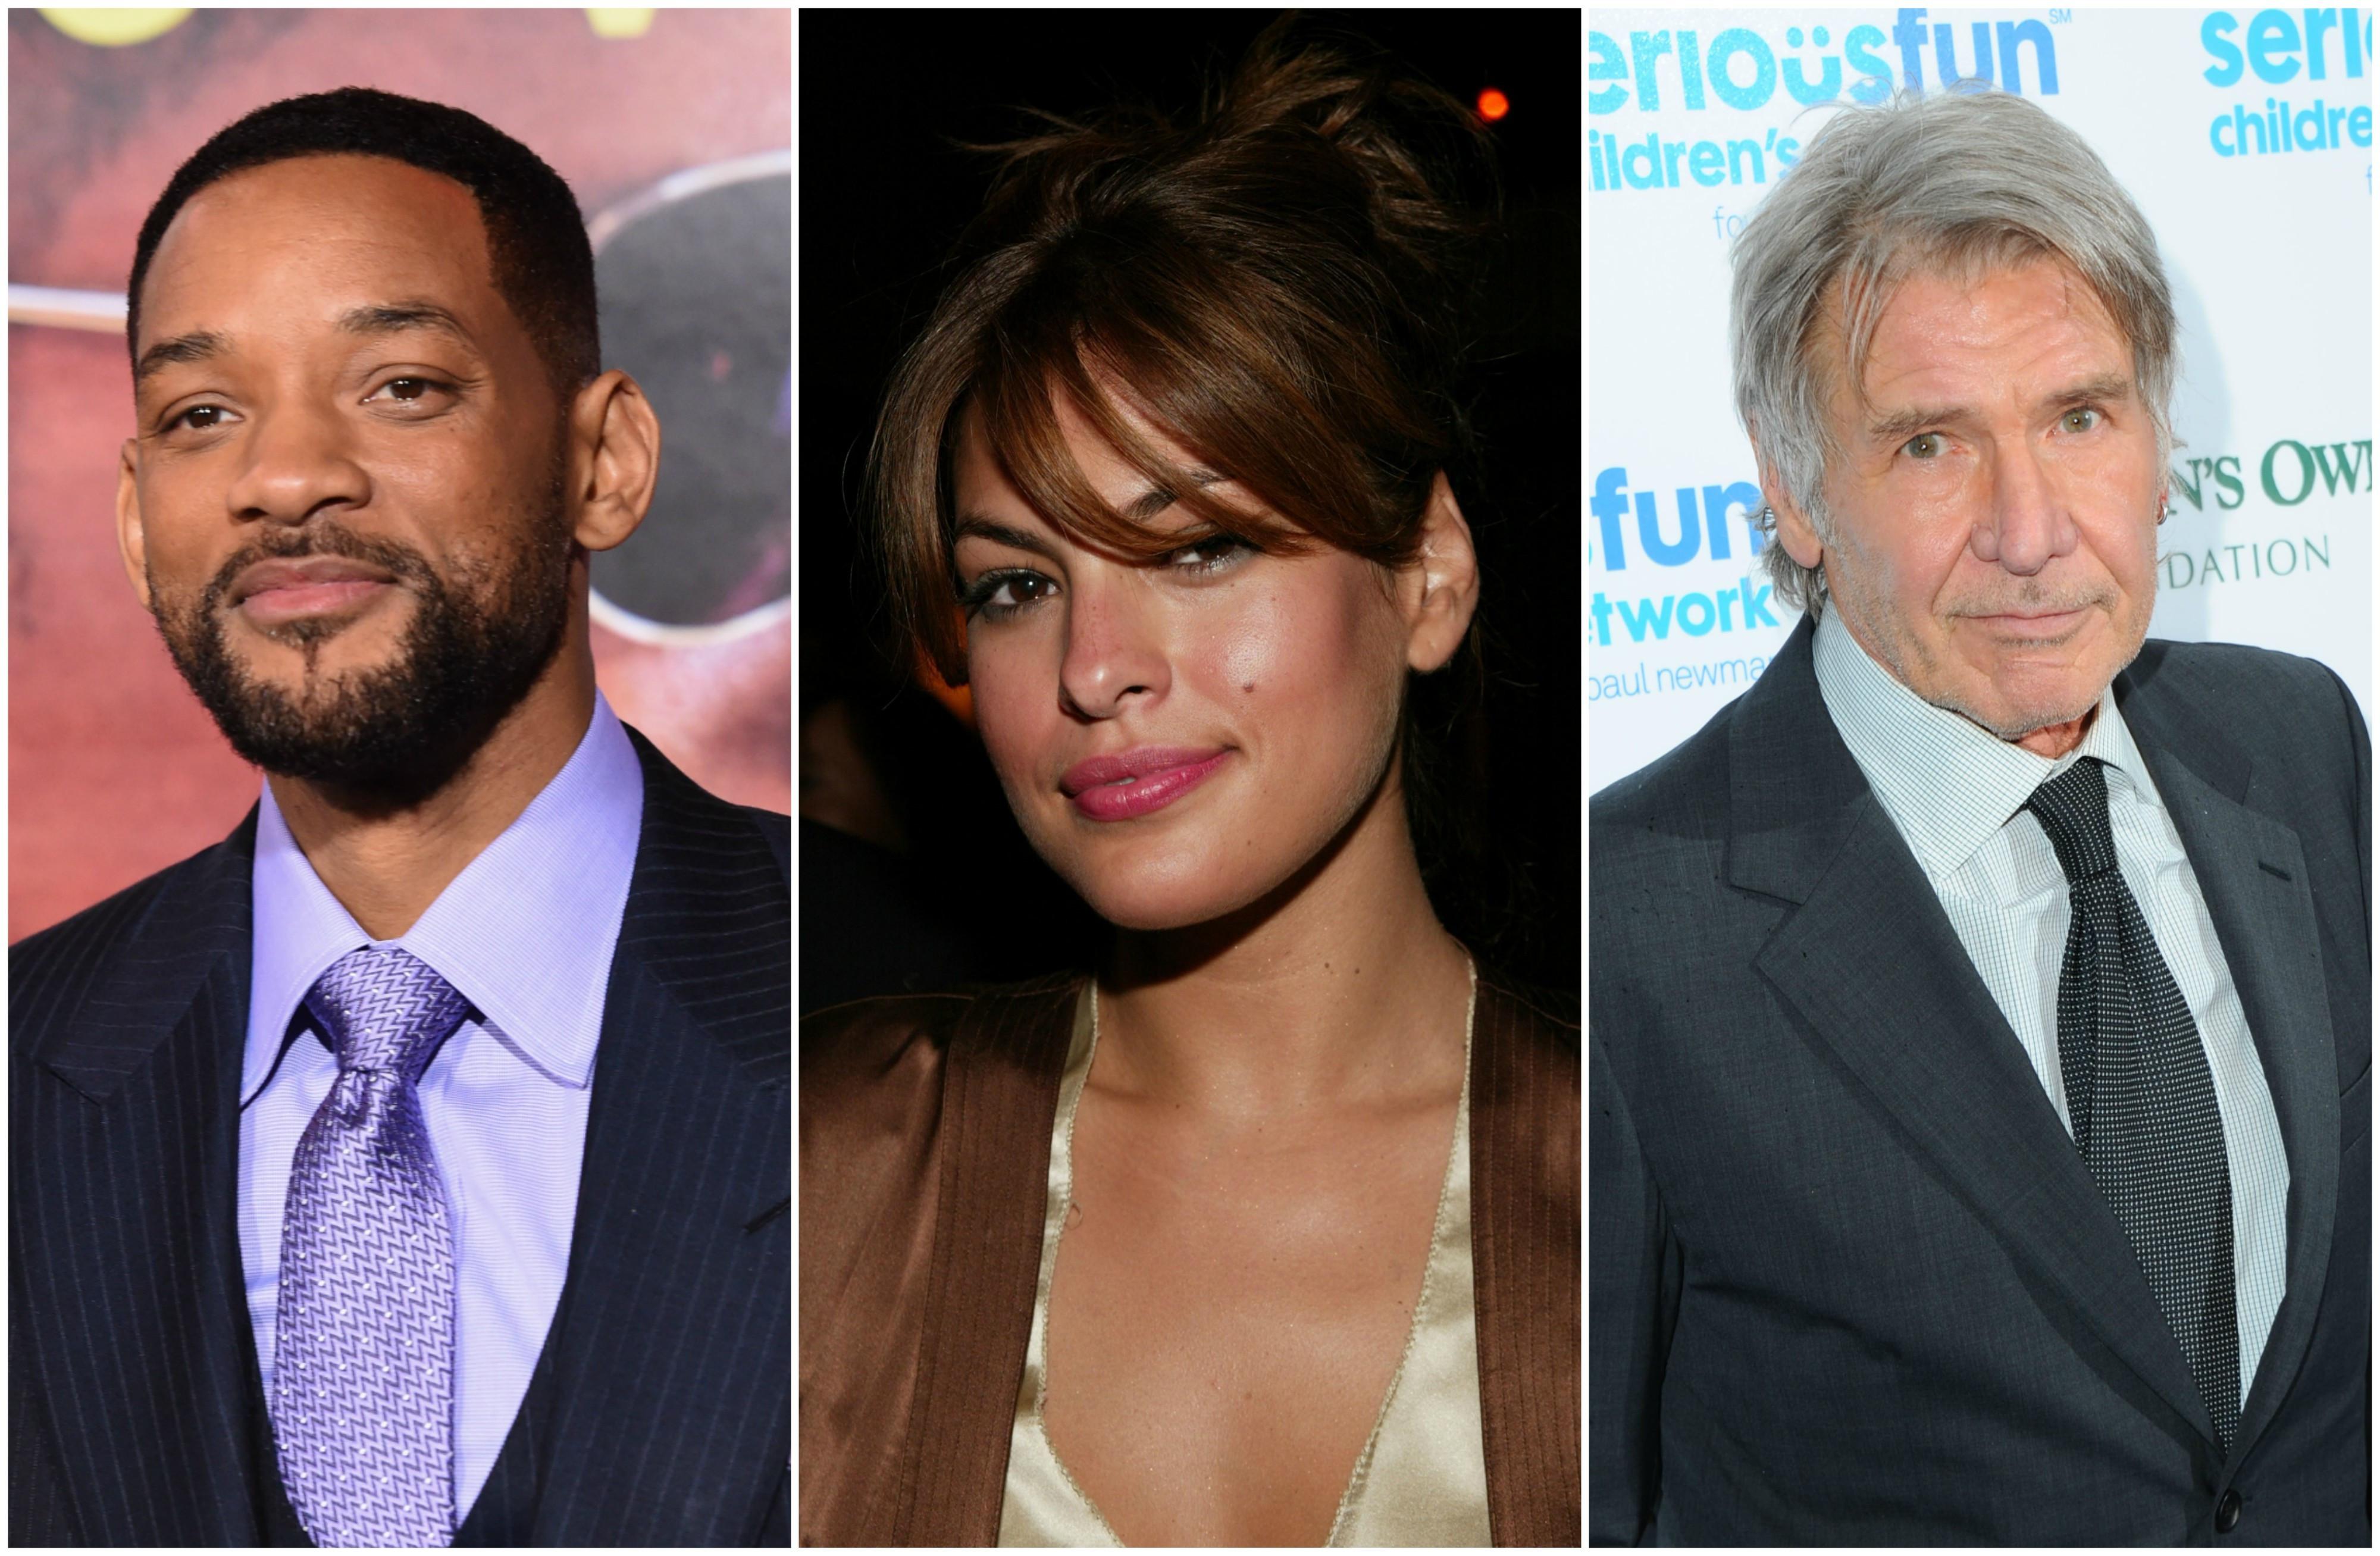 Conheça as celebridades que ficaram famosas por acaso